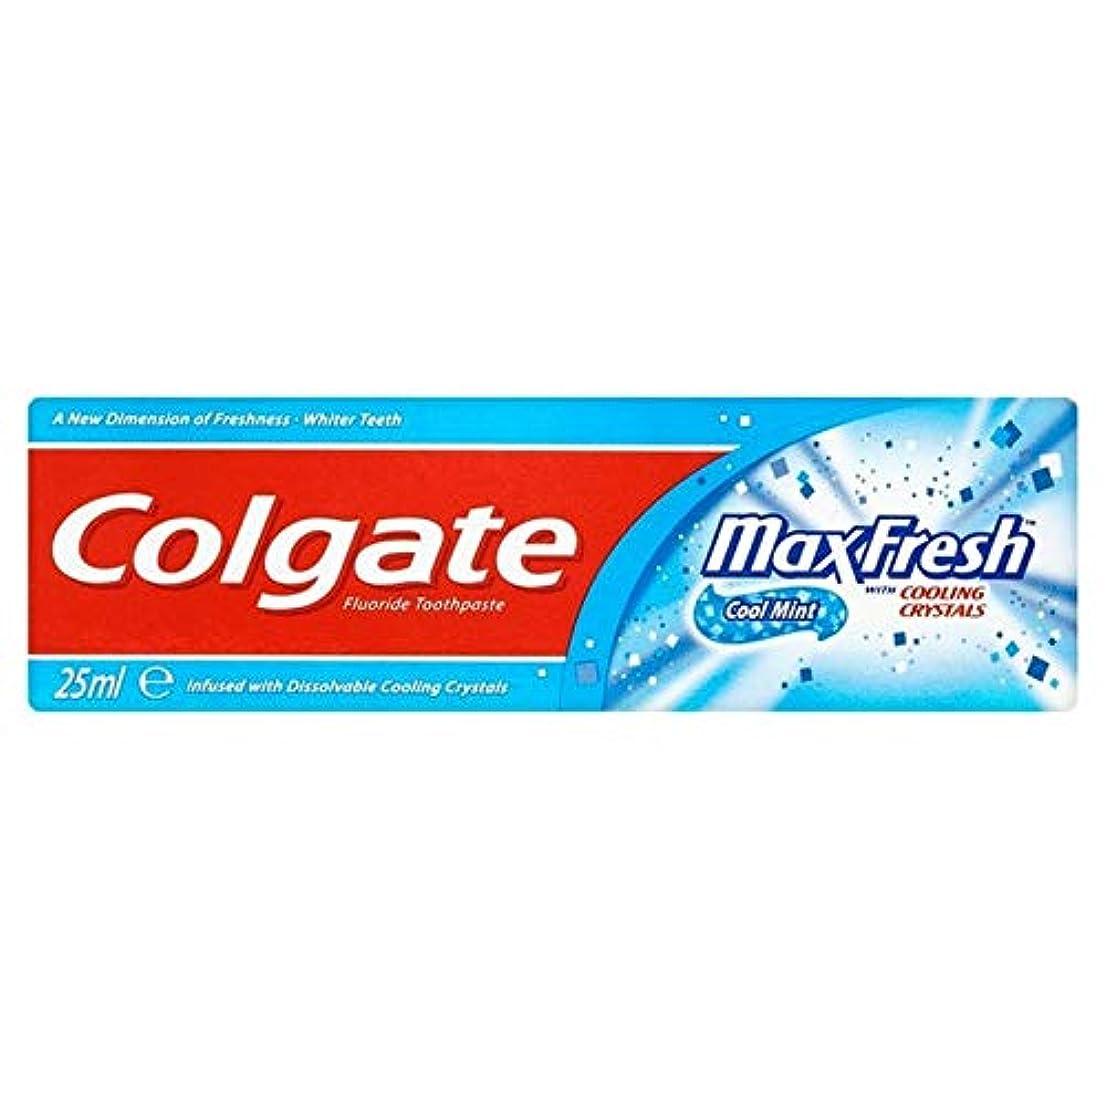 収穫寛容な支配する[Colgate ] コルゲートの歯磨き粉最大の新鮮な青25ミリリットル - Colgate Toothpaste Max Fresh Blue 25ml [並行輸入品]